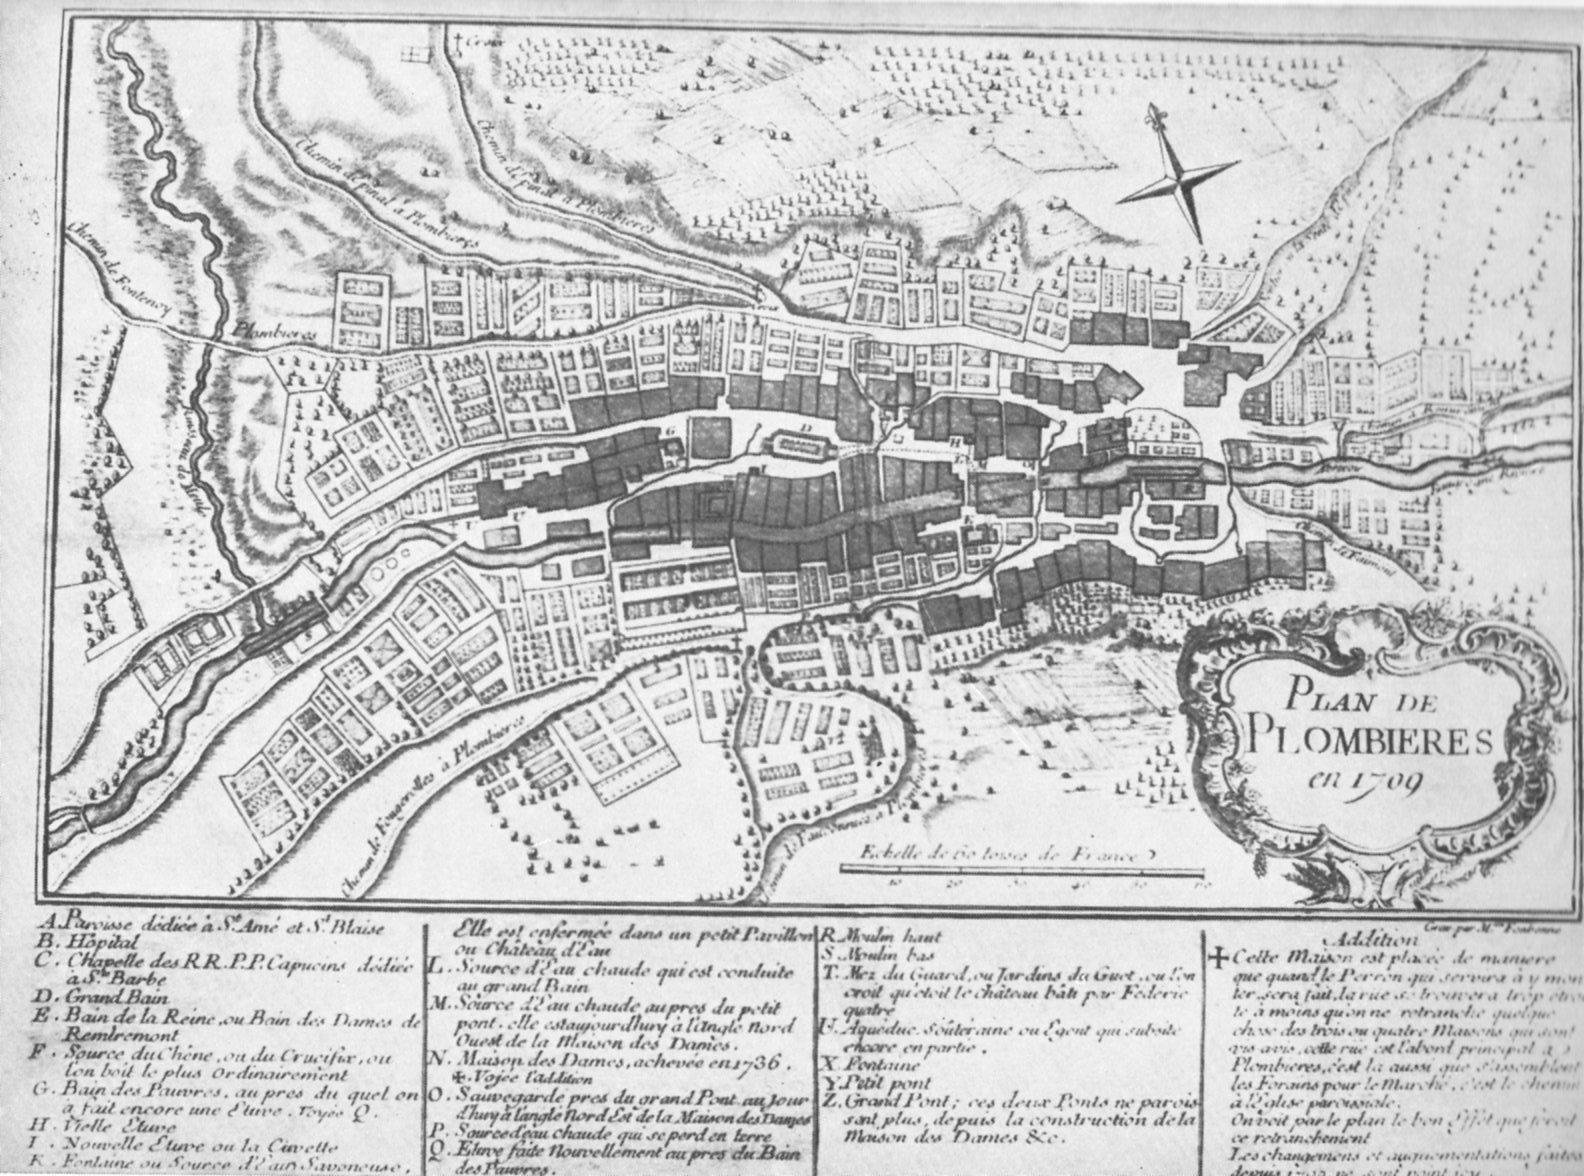 Plan de Plombières de 1709